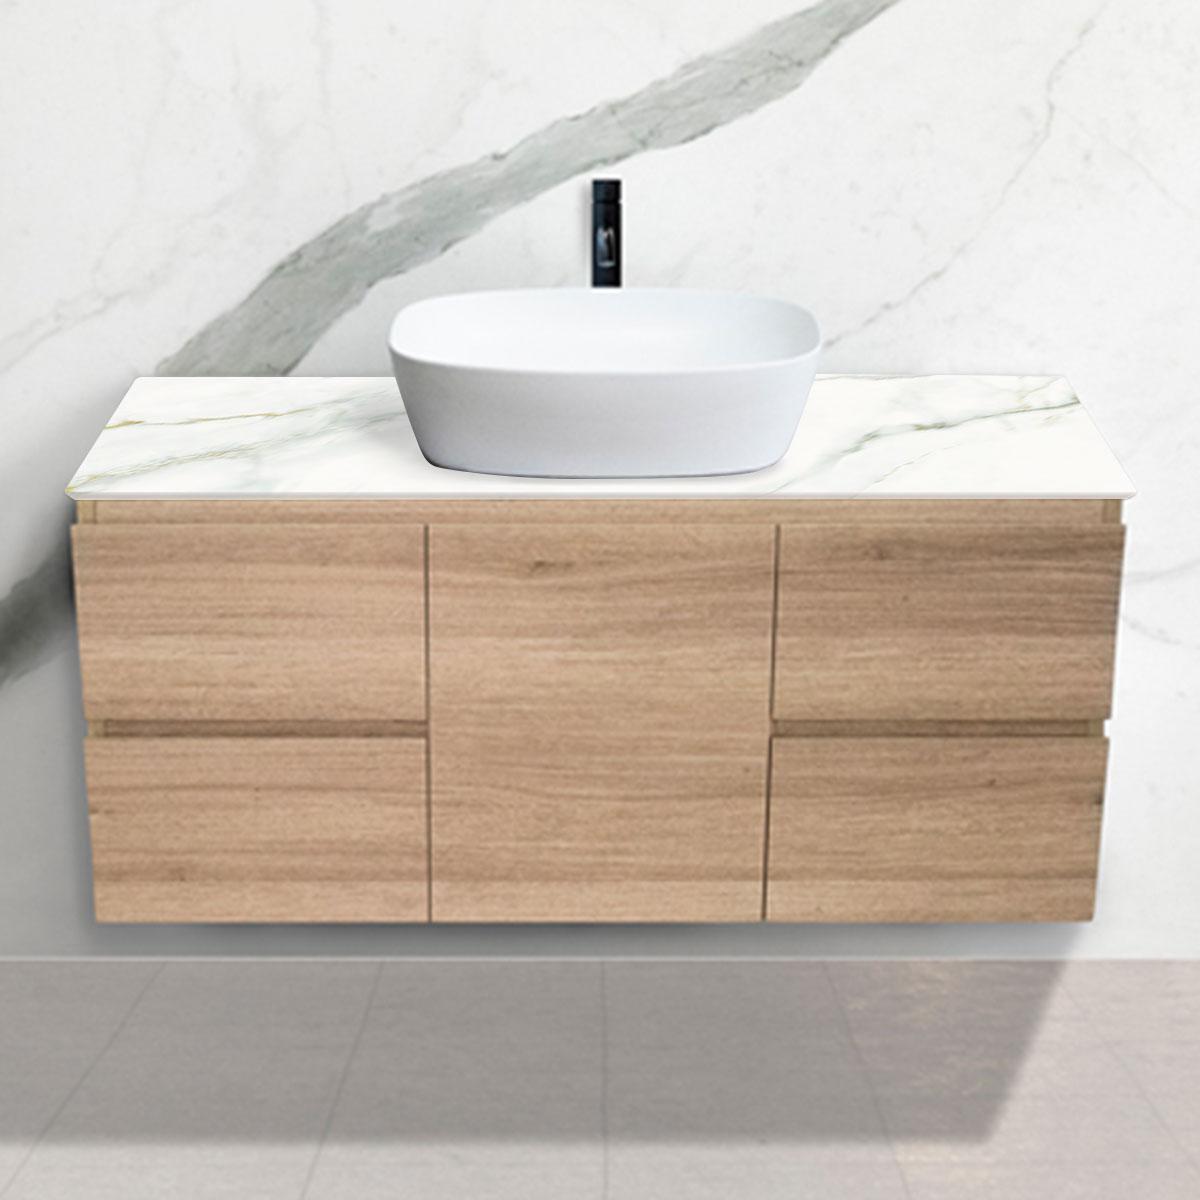 Oak Woodgrain Cabinet - Vanity- 1 Door + 4 Drawers - Calacatta Oro - Stone3 Brisbane